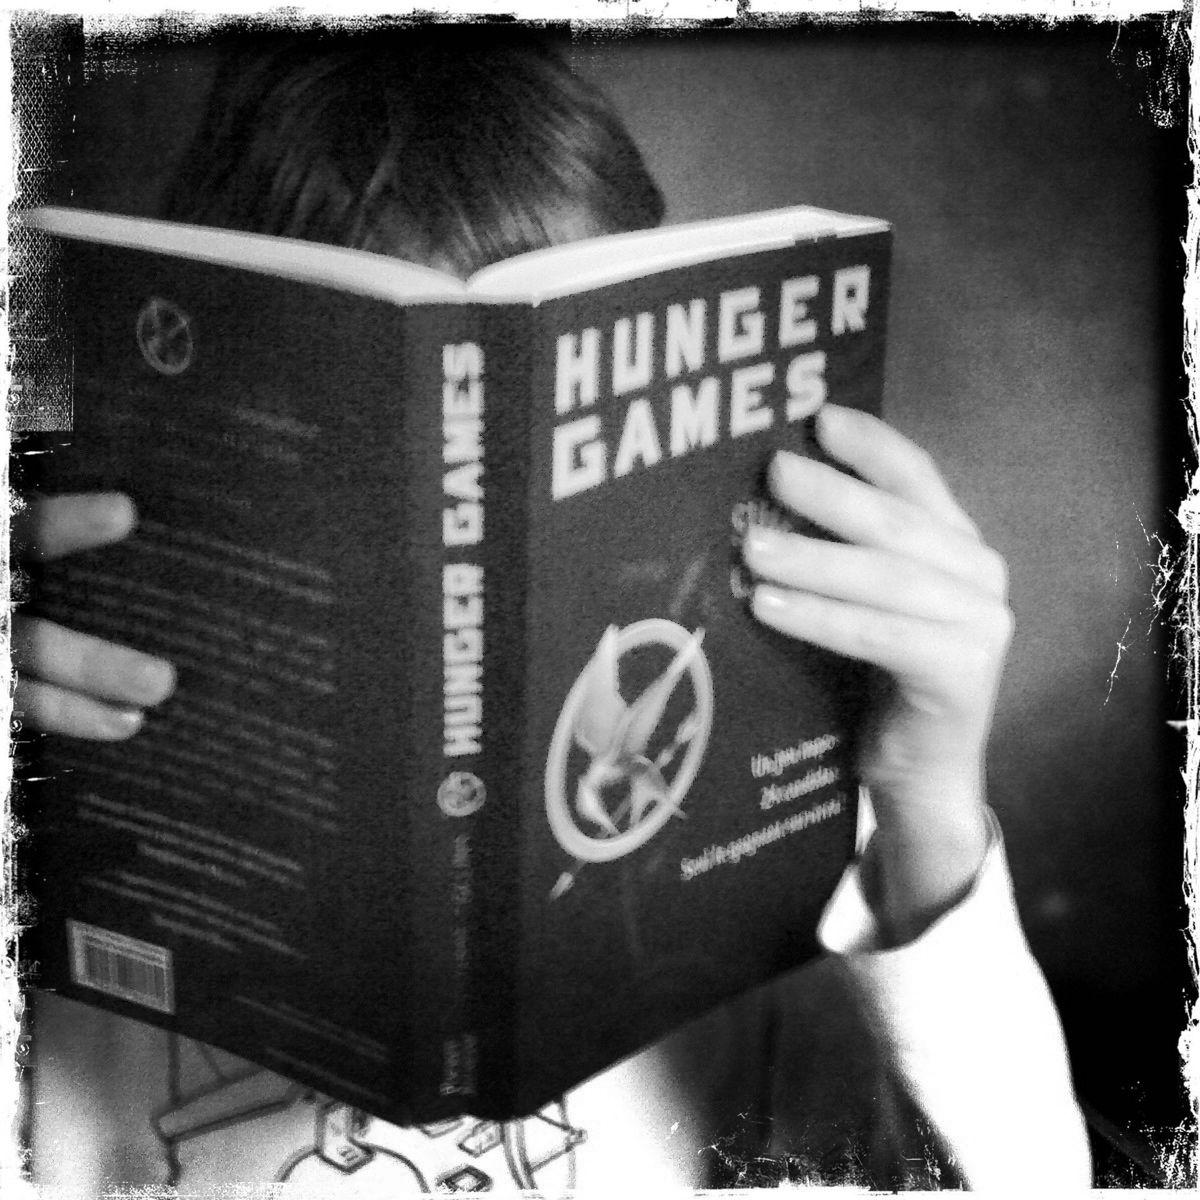 Hunger Games Parmi Les 10 Livres Les Plus Censures Aux Etats Unis